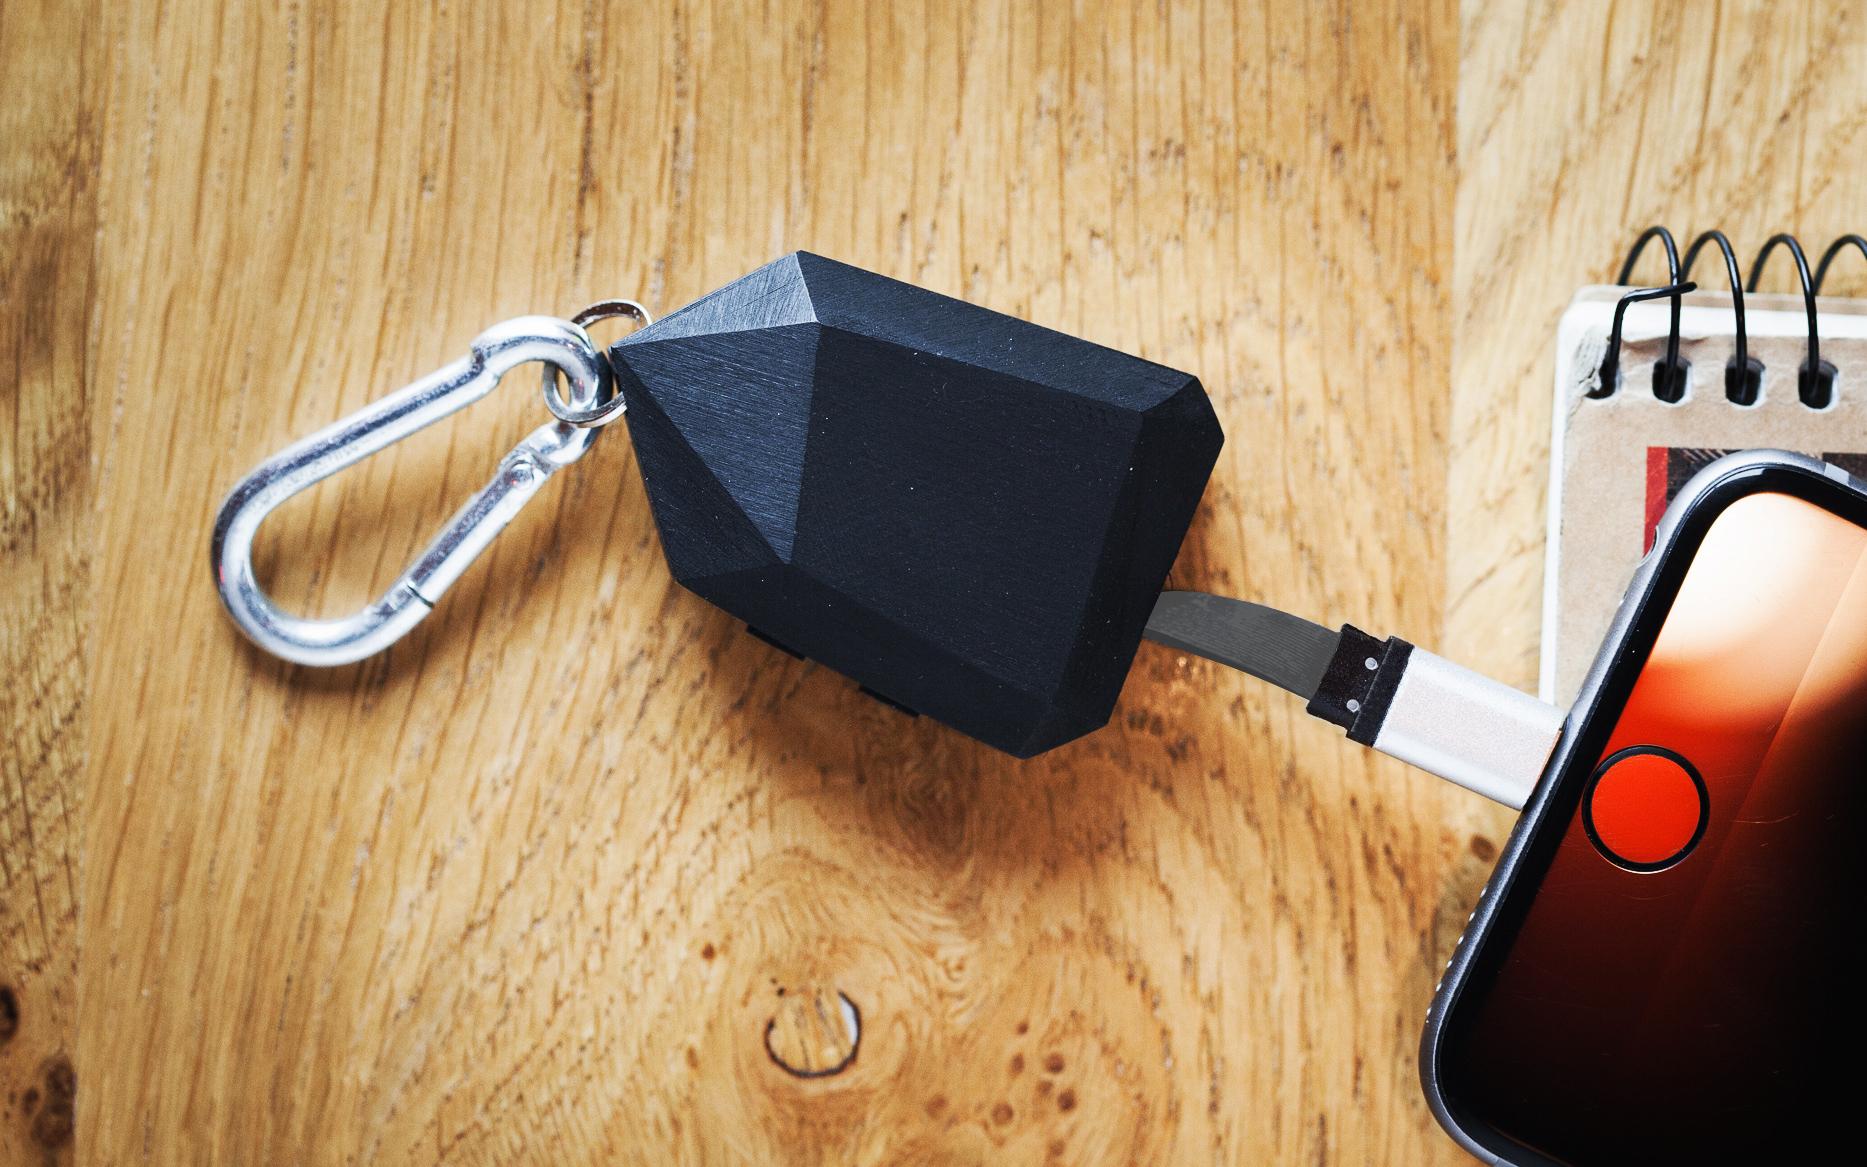 CoalBit Smart Power Bank